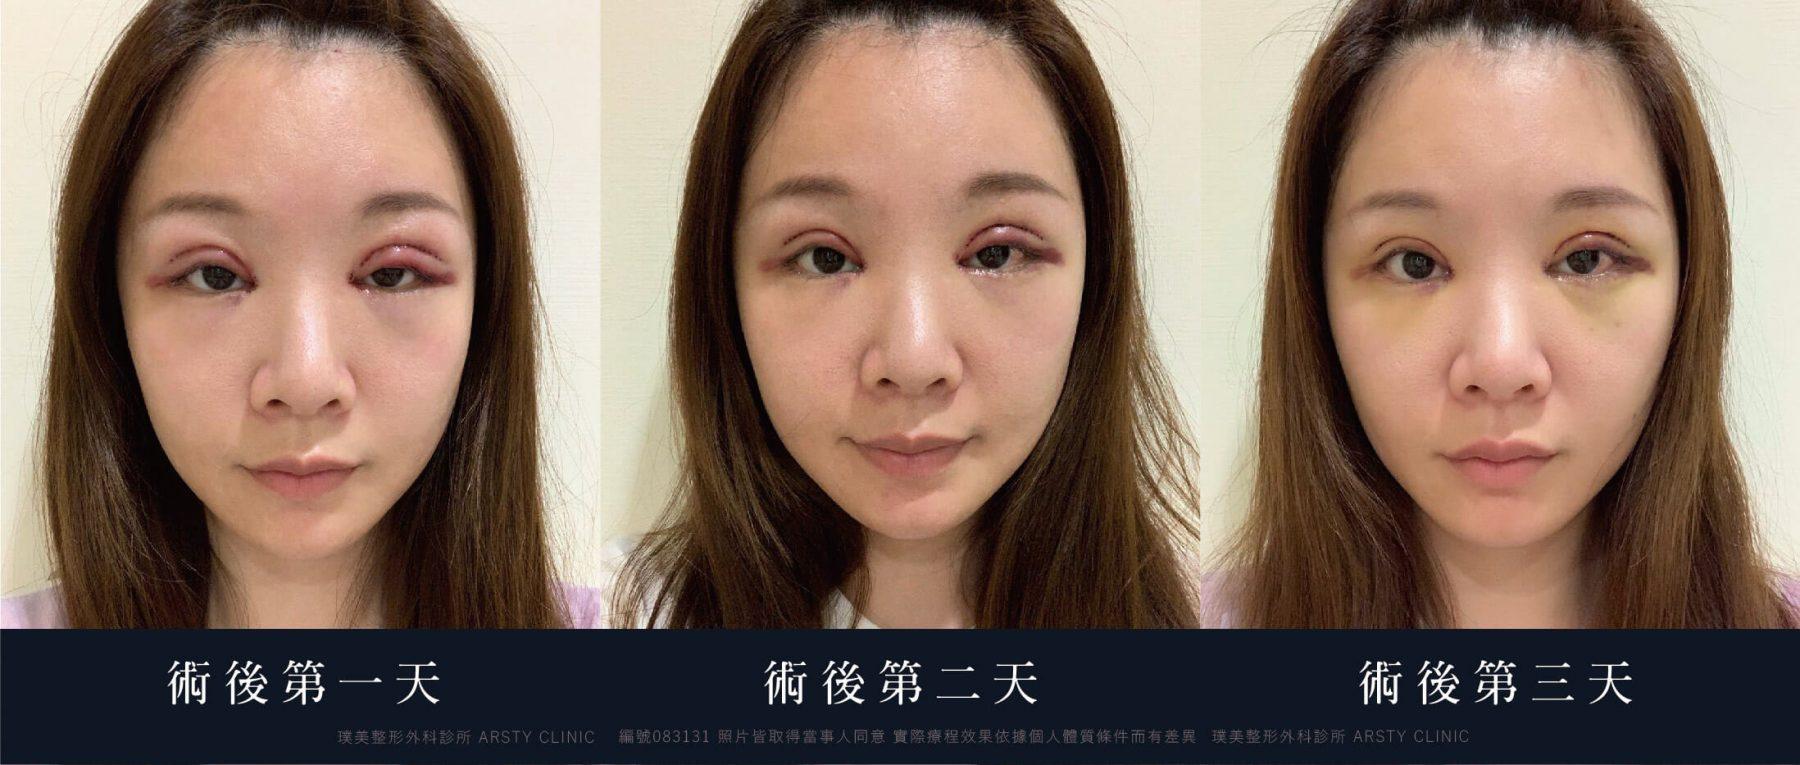 083131 割雙眼皮 開眼頭 提眼瞼肌 眉下取脂 10